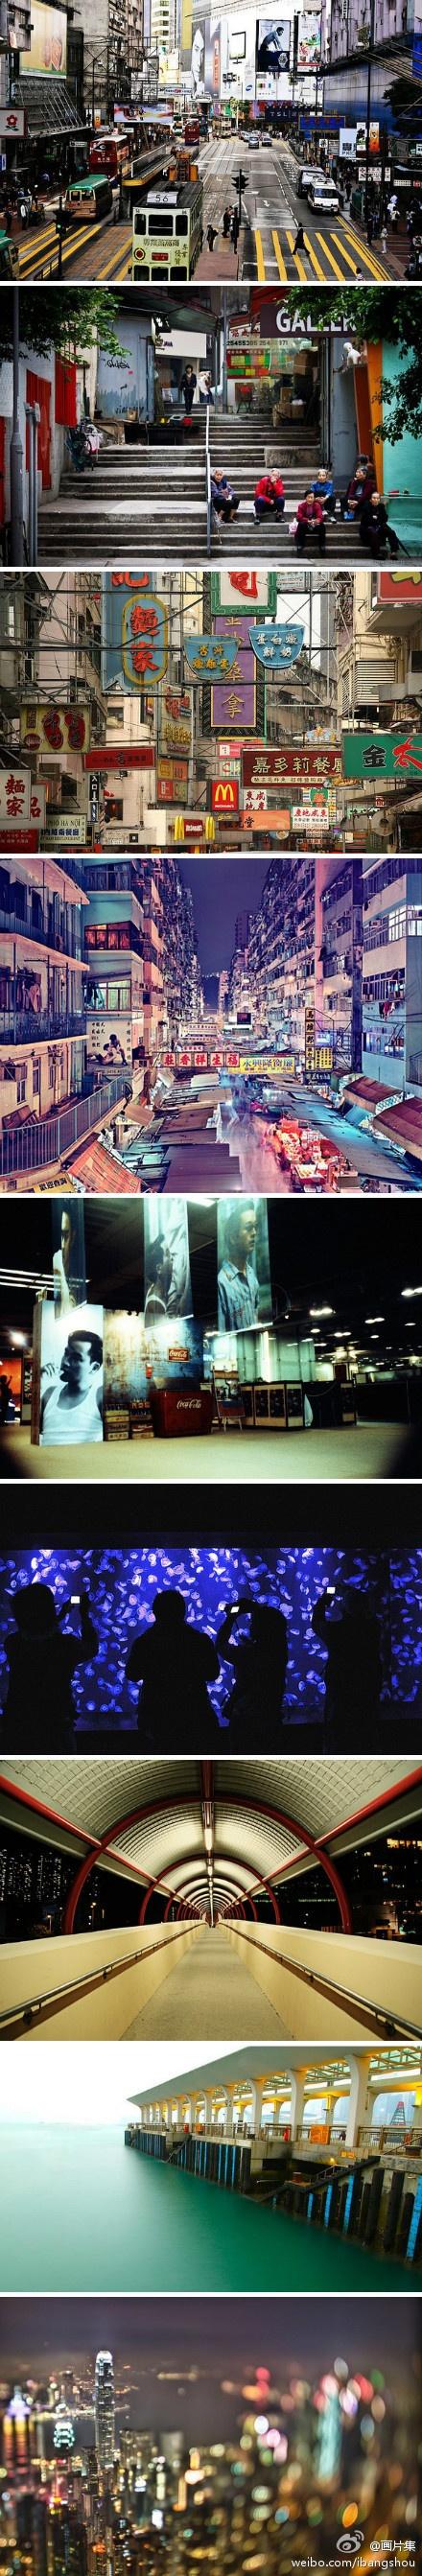 浮华香港的另一面。